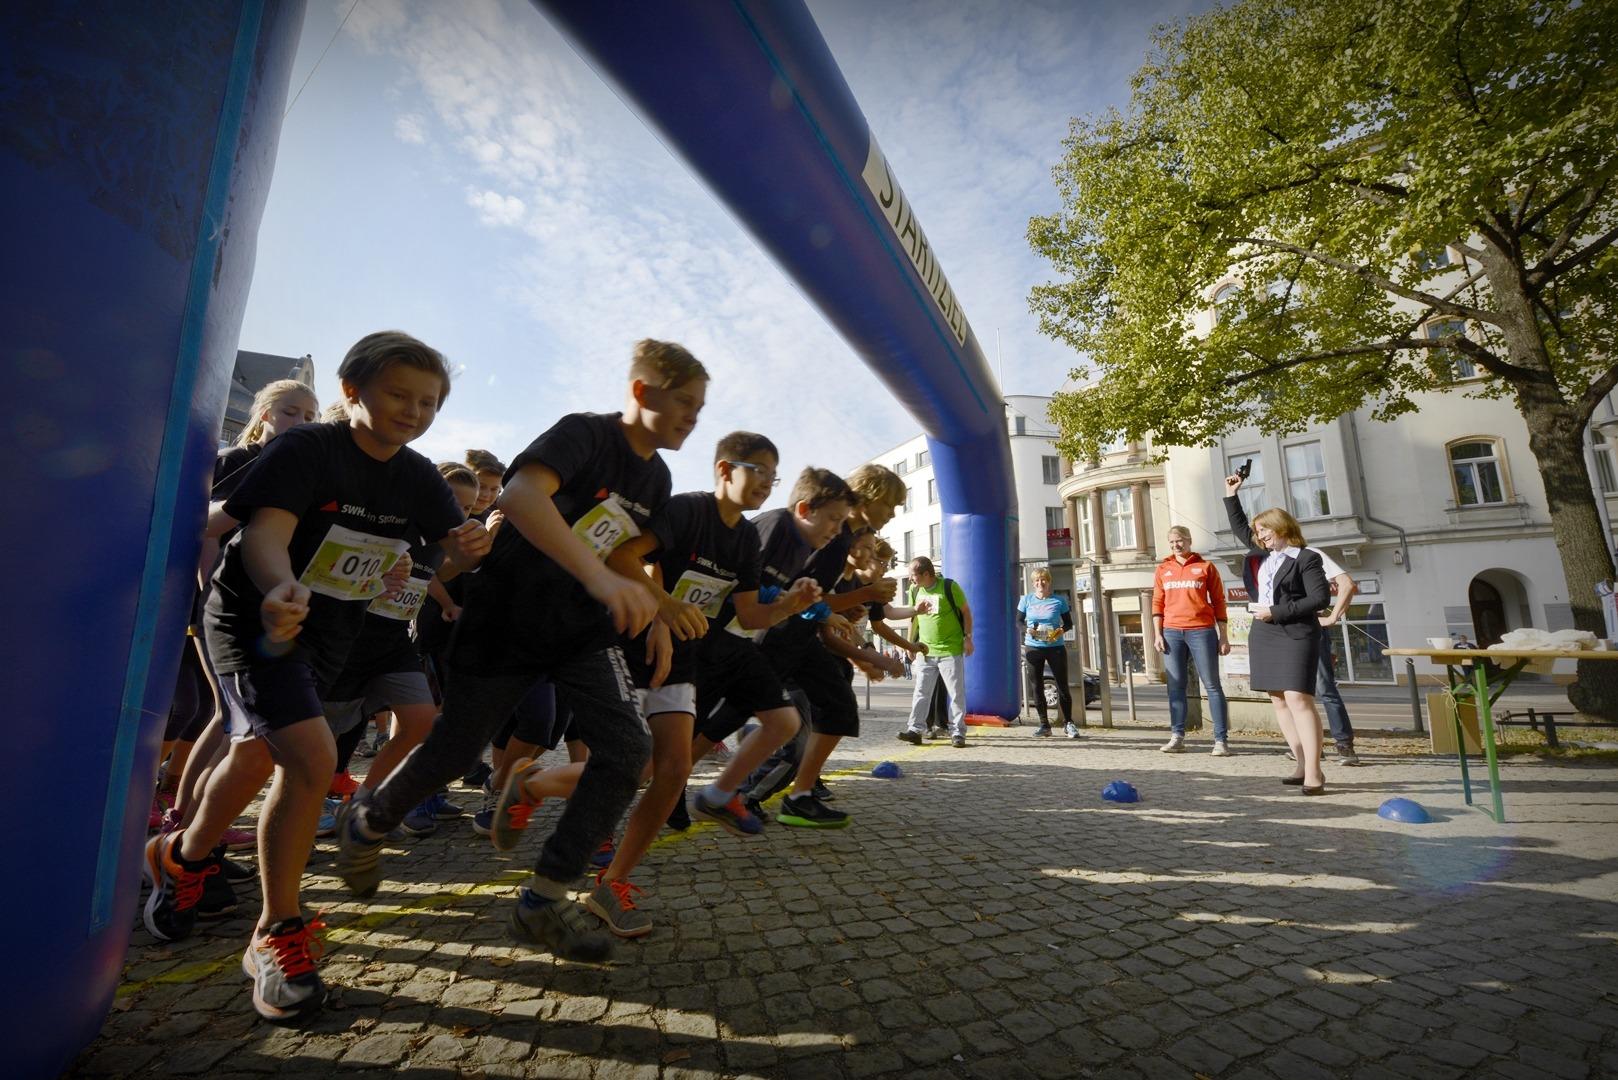 Menschen rennen nach dem Startschuss los.